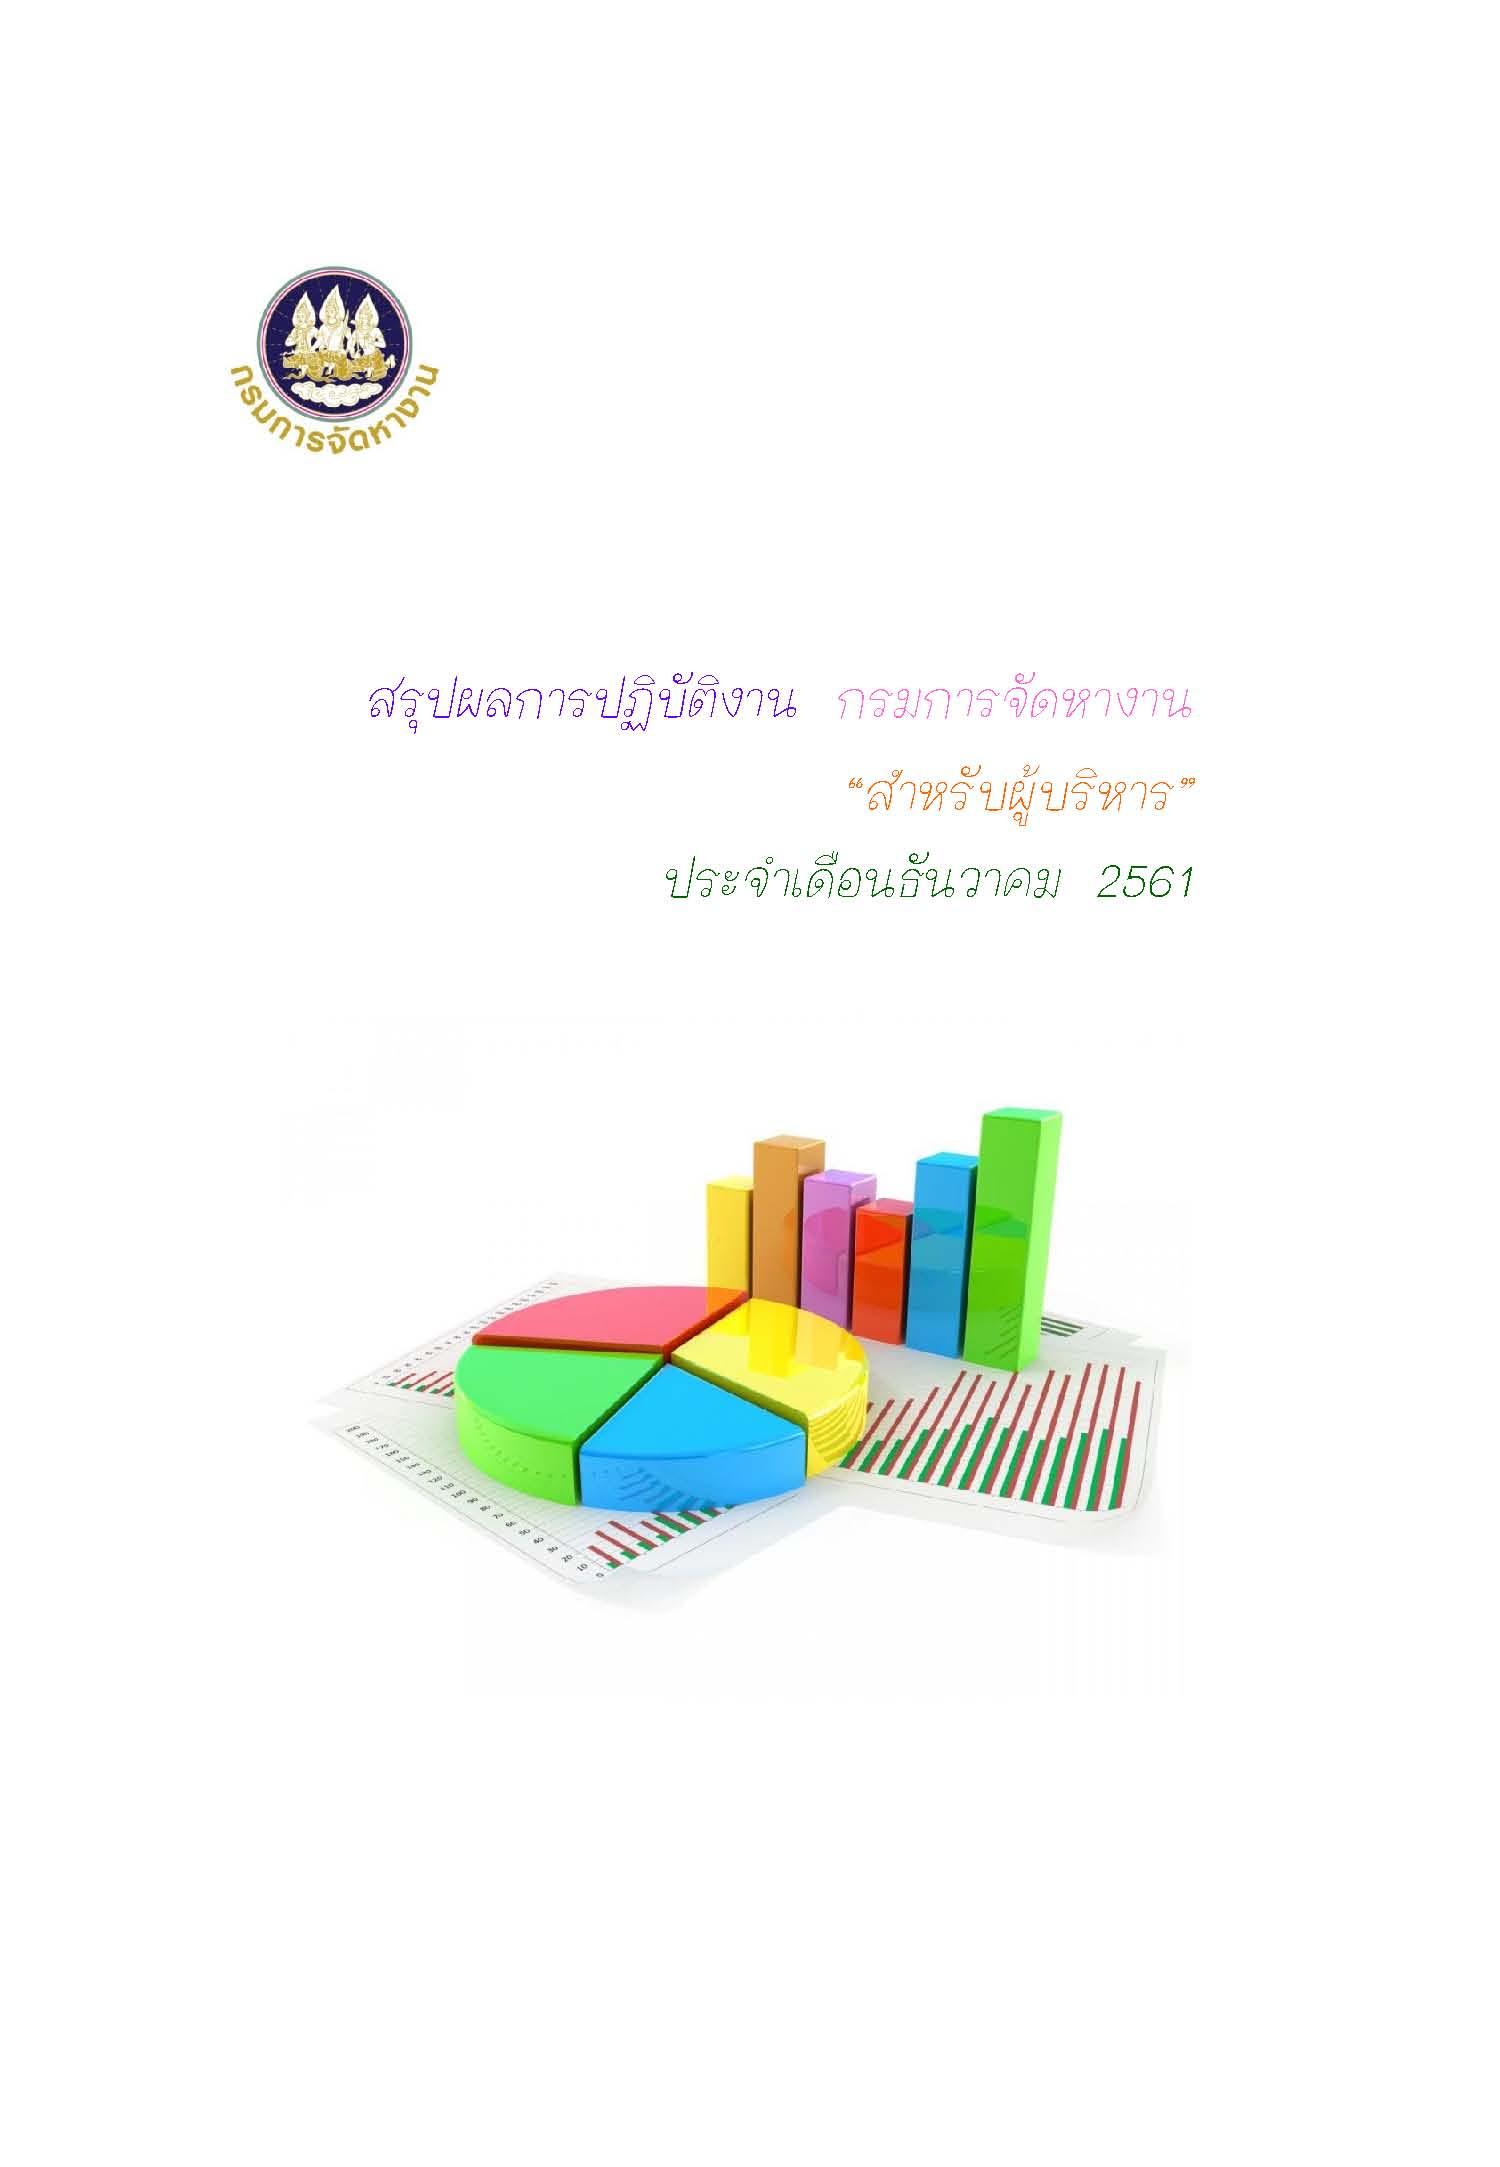 สรุปผลการปฏิบัติงาน กรมการจัดหางาน สำหรับผู้บริหาร ประจำเดือนธันวาคม 2561